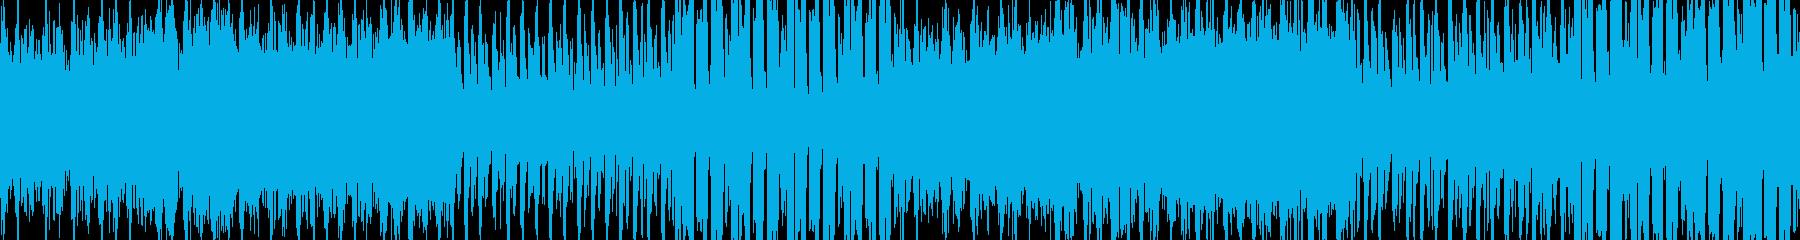 緊張感のあるEDMBGM(ループ向き)の再生済みの波形